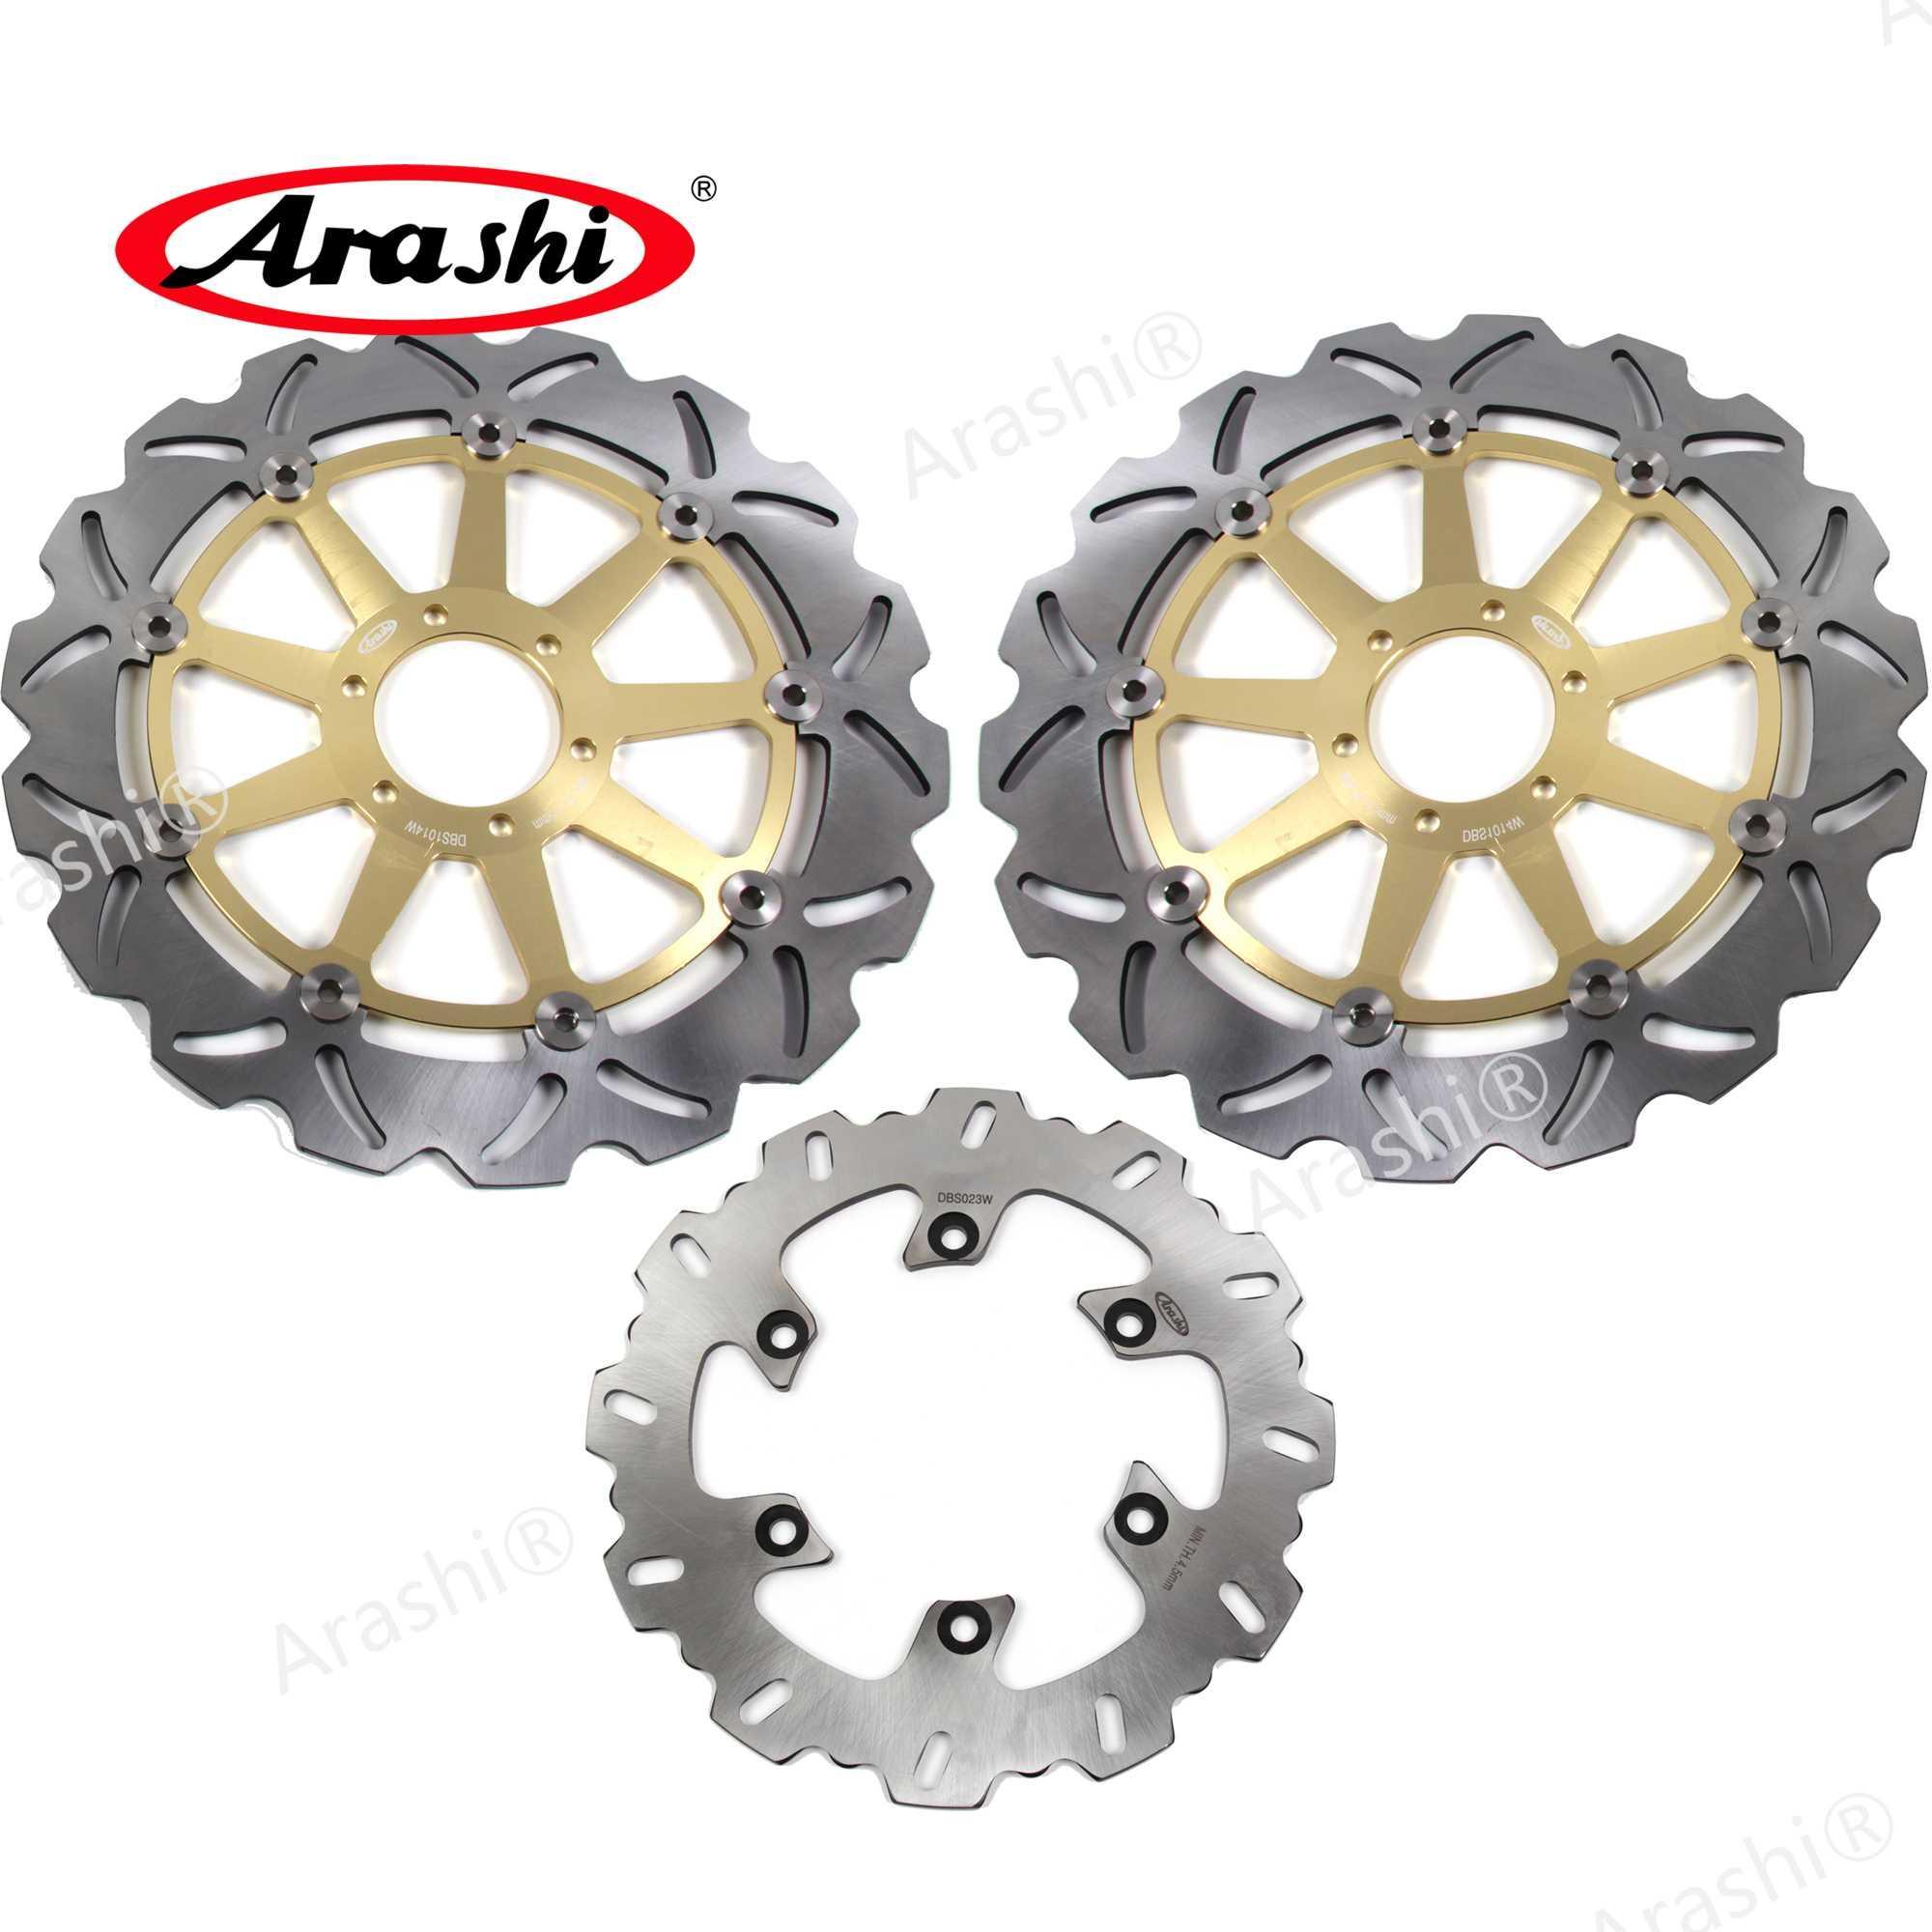 Arashi 1 Set Para ST2 944 1997 1998 1999 2000 2002 2003 CNC Floating Freio Dianteiro Traseiro Disco de freio Rotores Motorcycle